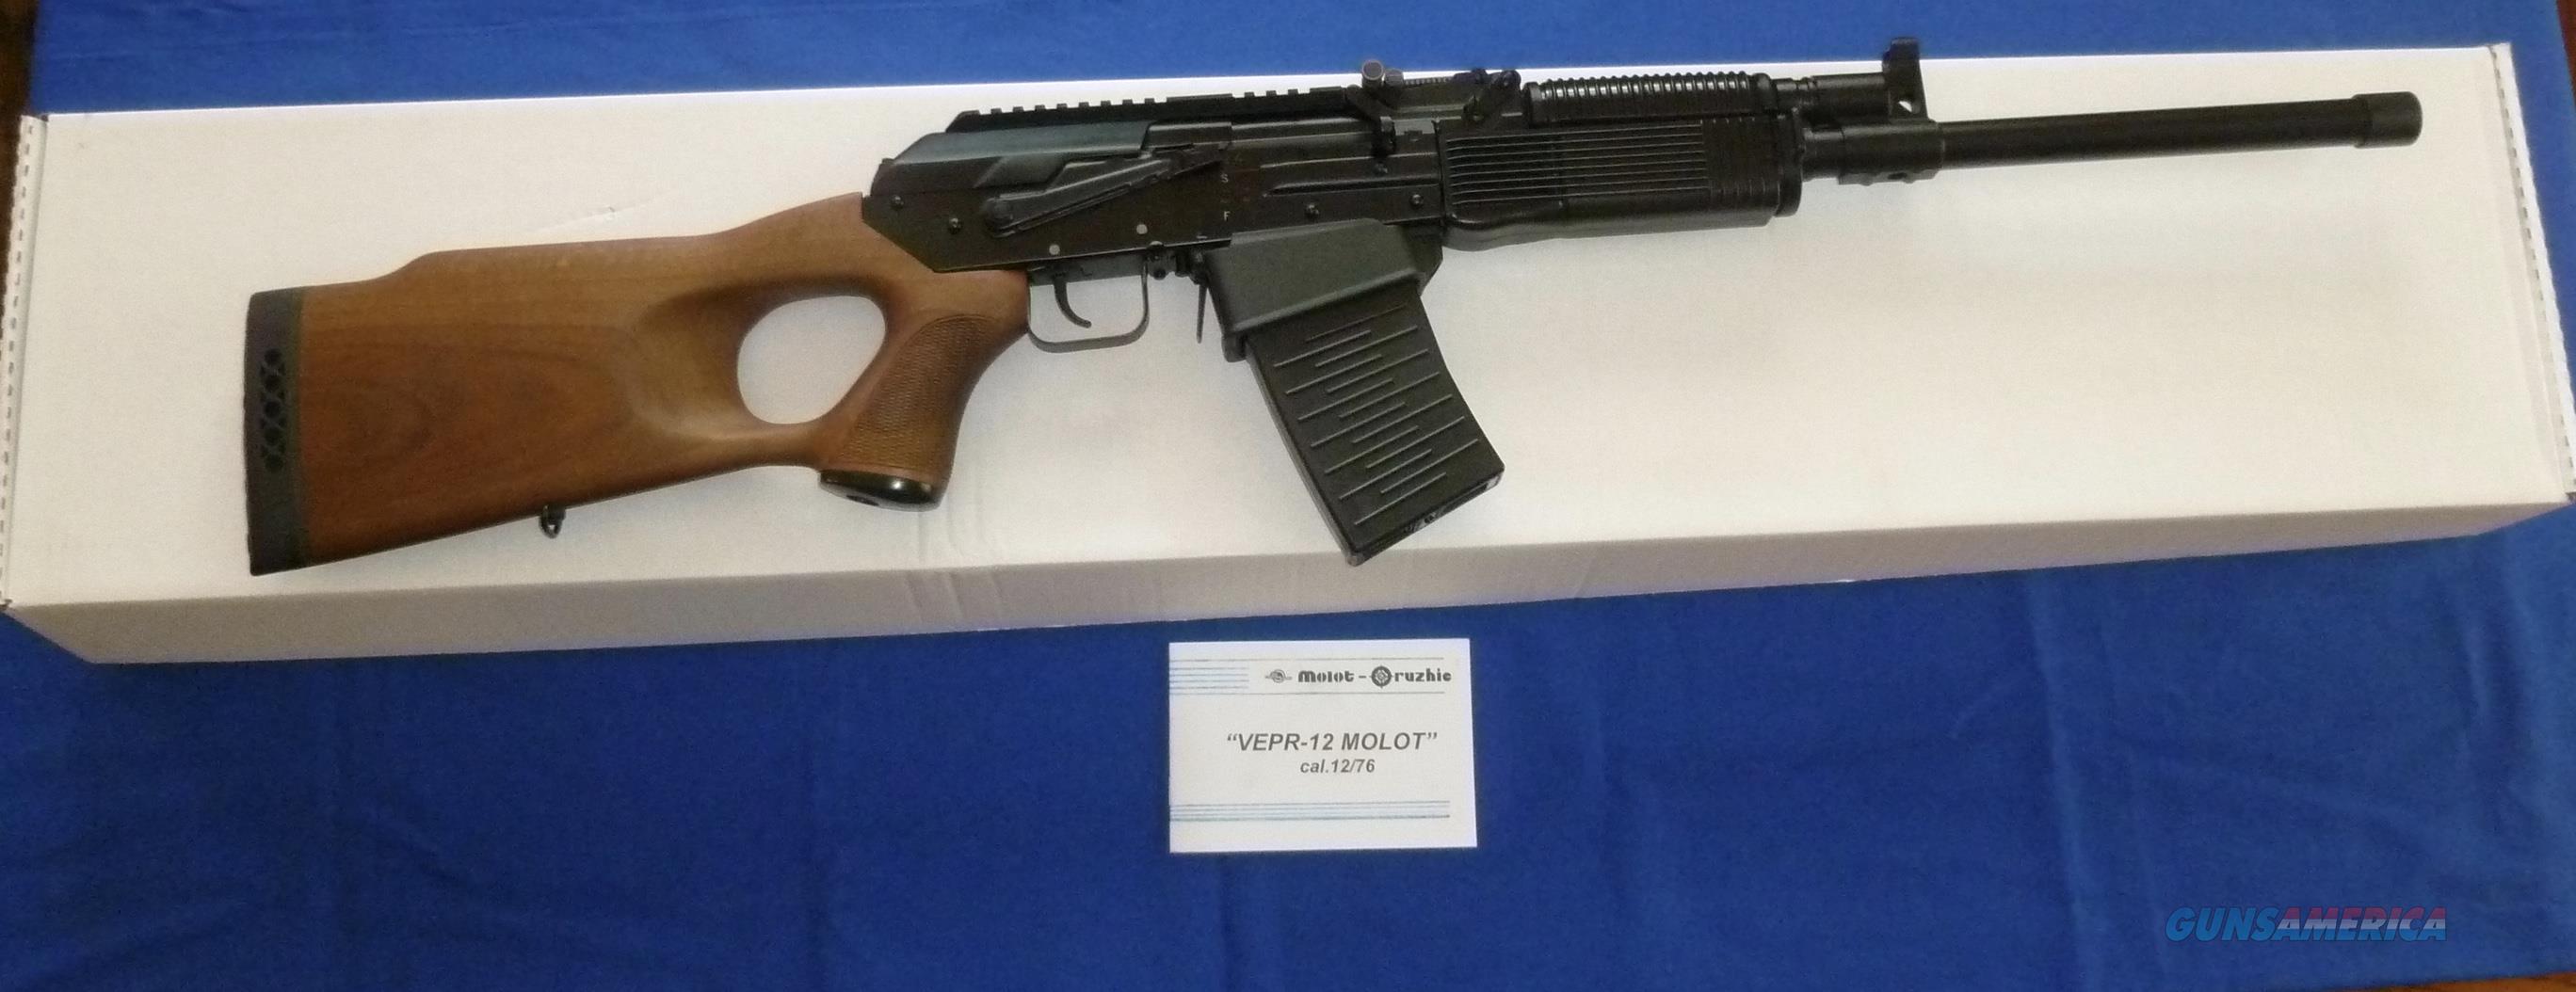 MOLOT VEPR-12 12 GAUGE SEMI-AUTO SHOTGUN  Guns > Shotguns > Saiga Shotguns > Shotguns